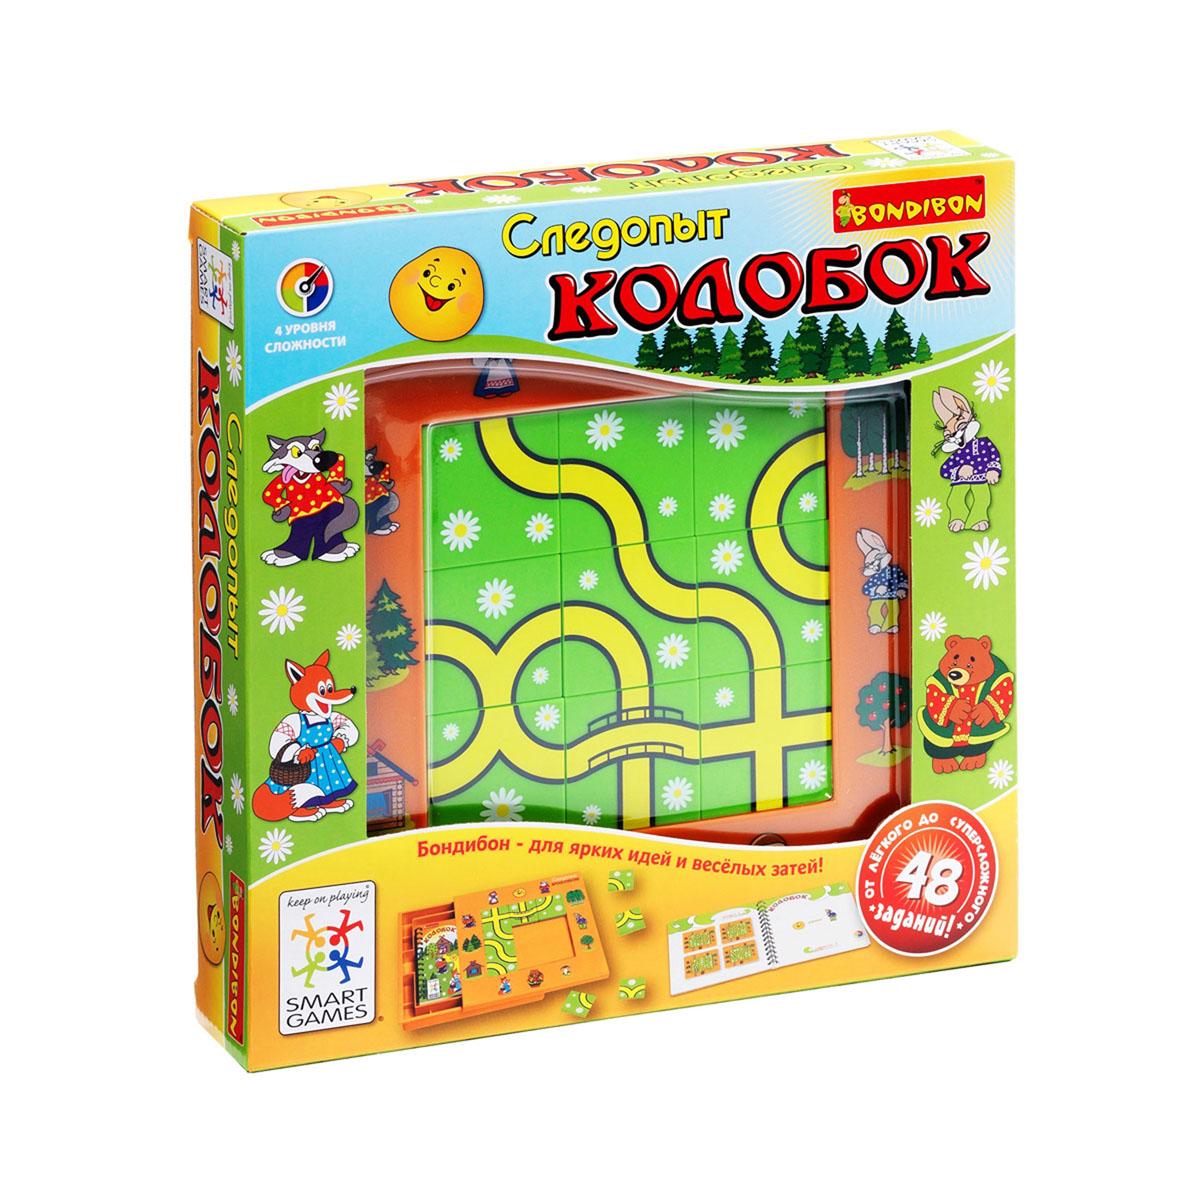 Логическая игра Bondibon SmartGames Следопыт КолобокВВ0518Логическая игра Bondibon SmartGames Следопыт Колобок - это увлекательная игра с любимыми героями. Сказка про Колобка - одна из тех русских народных сказок, которые читают ребенку первой. А рассказывает она о том, как бабка испекла деду мучной пончик - колобок, а тот ожил, да и сбежал, но участи быть съеденным не избежал. Помните, как Колобку на пути встречаются Заяц, Медведь, Волк, Лиса? А что, если дороги могли бы пересечься не в том порядке, и отношения между героями могли сложиться по-другому, да и конец сказки мог стать совсем иным? Может быть, они могли подружиться? Создавайте свою историю и помогите любимому сказочному персонажу найти верную дорогу среди множества путей в этой интересной логической игре! Расставьте 9 пазлов на игровой доске, проведя извилистую тропинку между персонажами, указанными в задании на карточке. Внимательно следите за дорогой, чтобы не зайти в тупик. 48 различных заданий 4 уровней сложности, сотни вариантов их решения - эта развивающая...